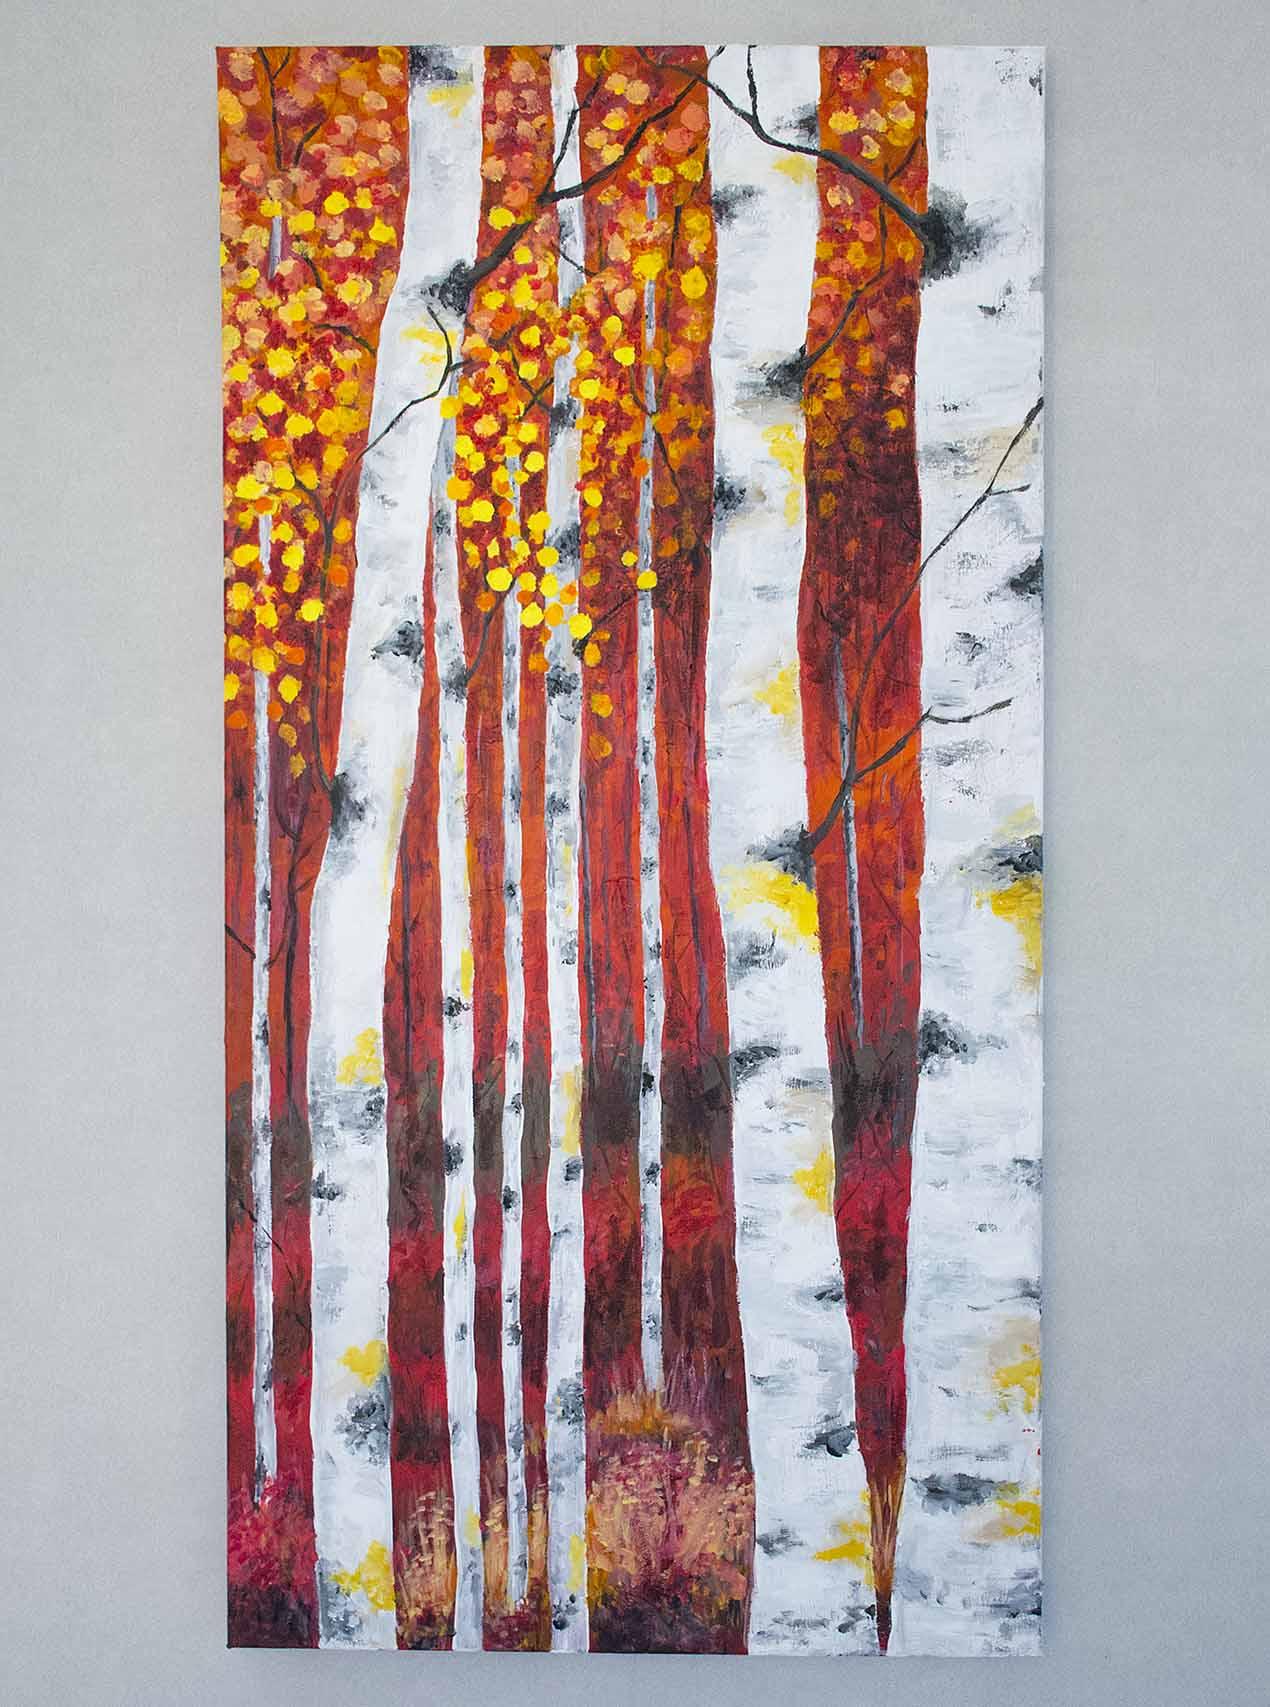 342: Väggmålning (56/365)